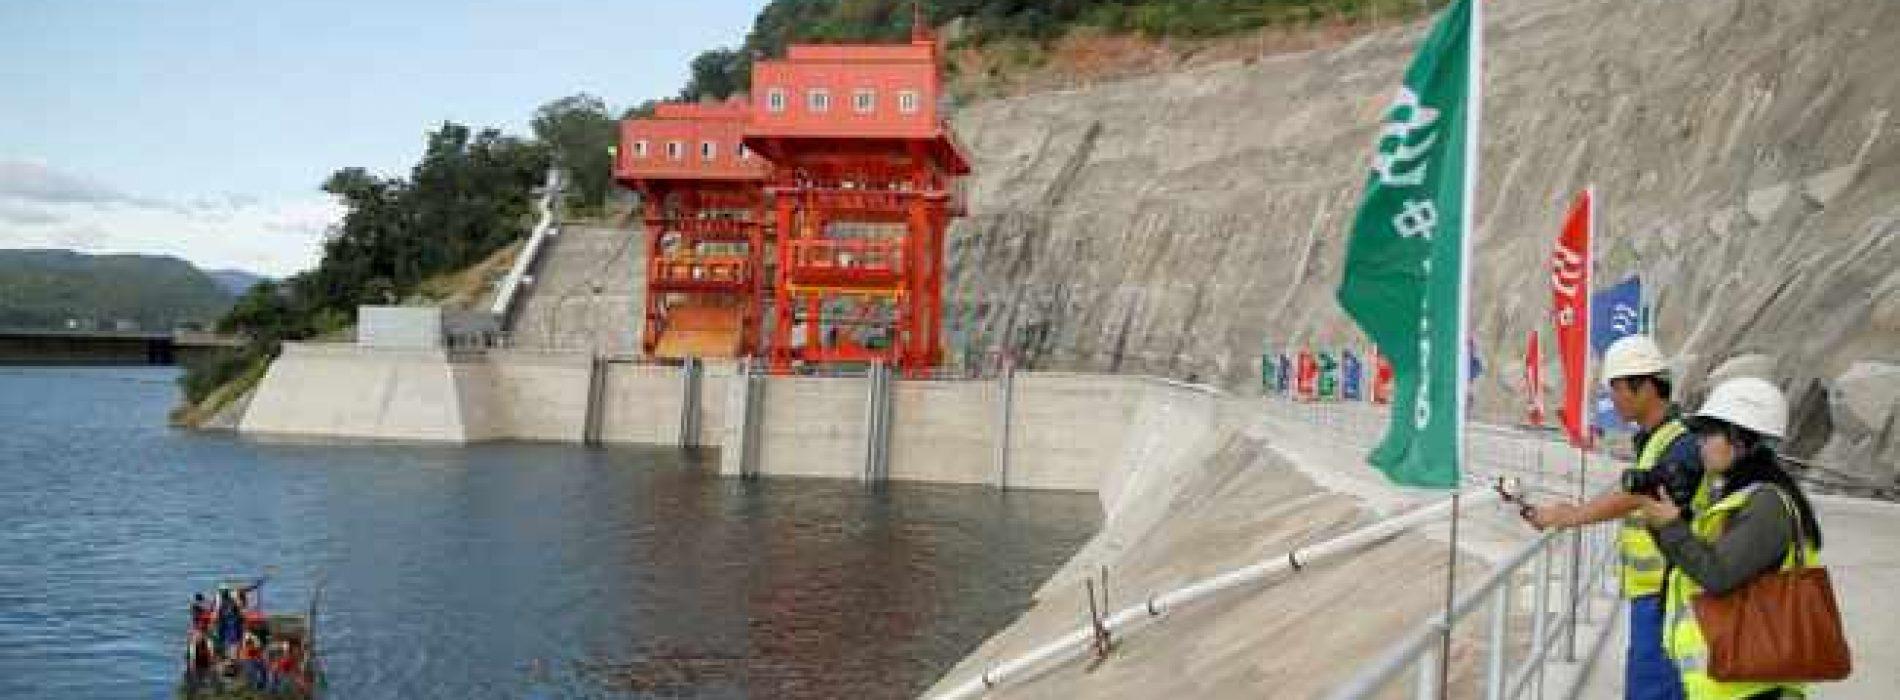 Camerun: Annunciata la diga di Grand Eweng da 3 miliardi di dollari